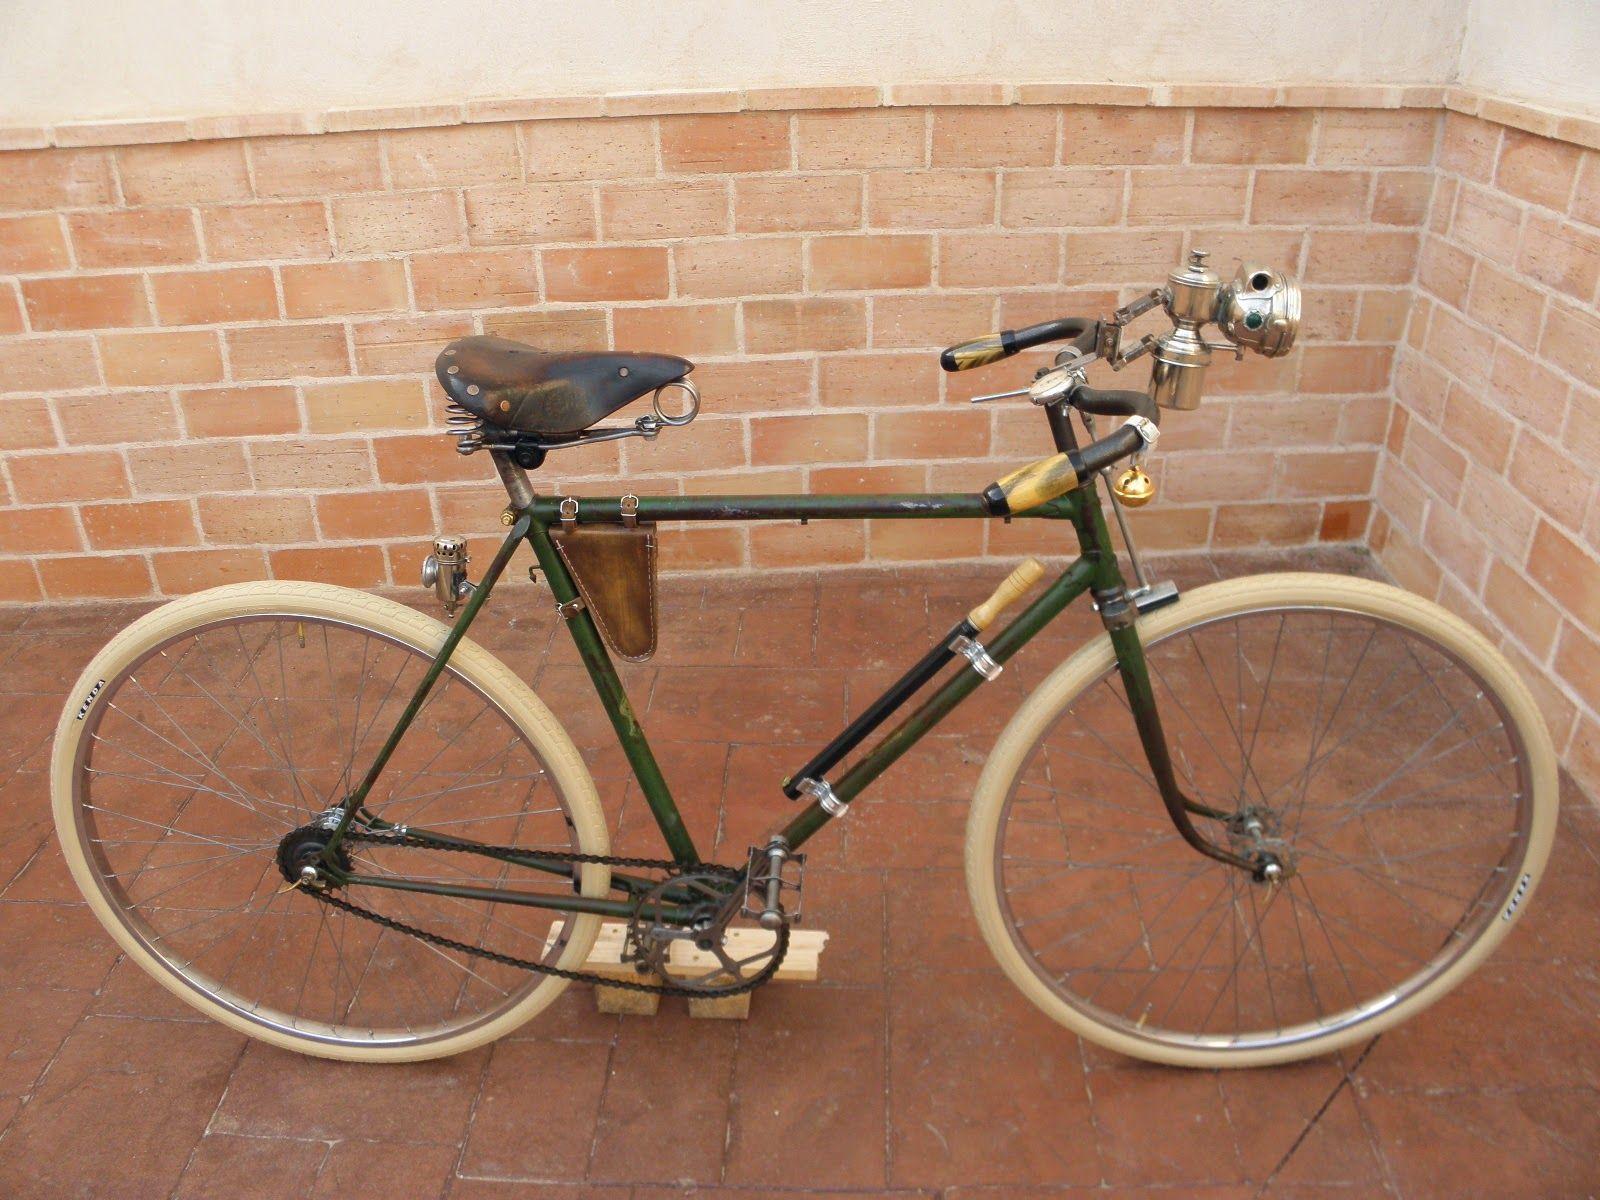 Bici lenta. | BLC 1900. Construcción de una bicicleta al estilo de principios del siglo XX.